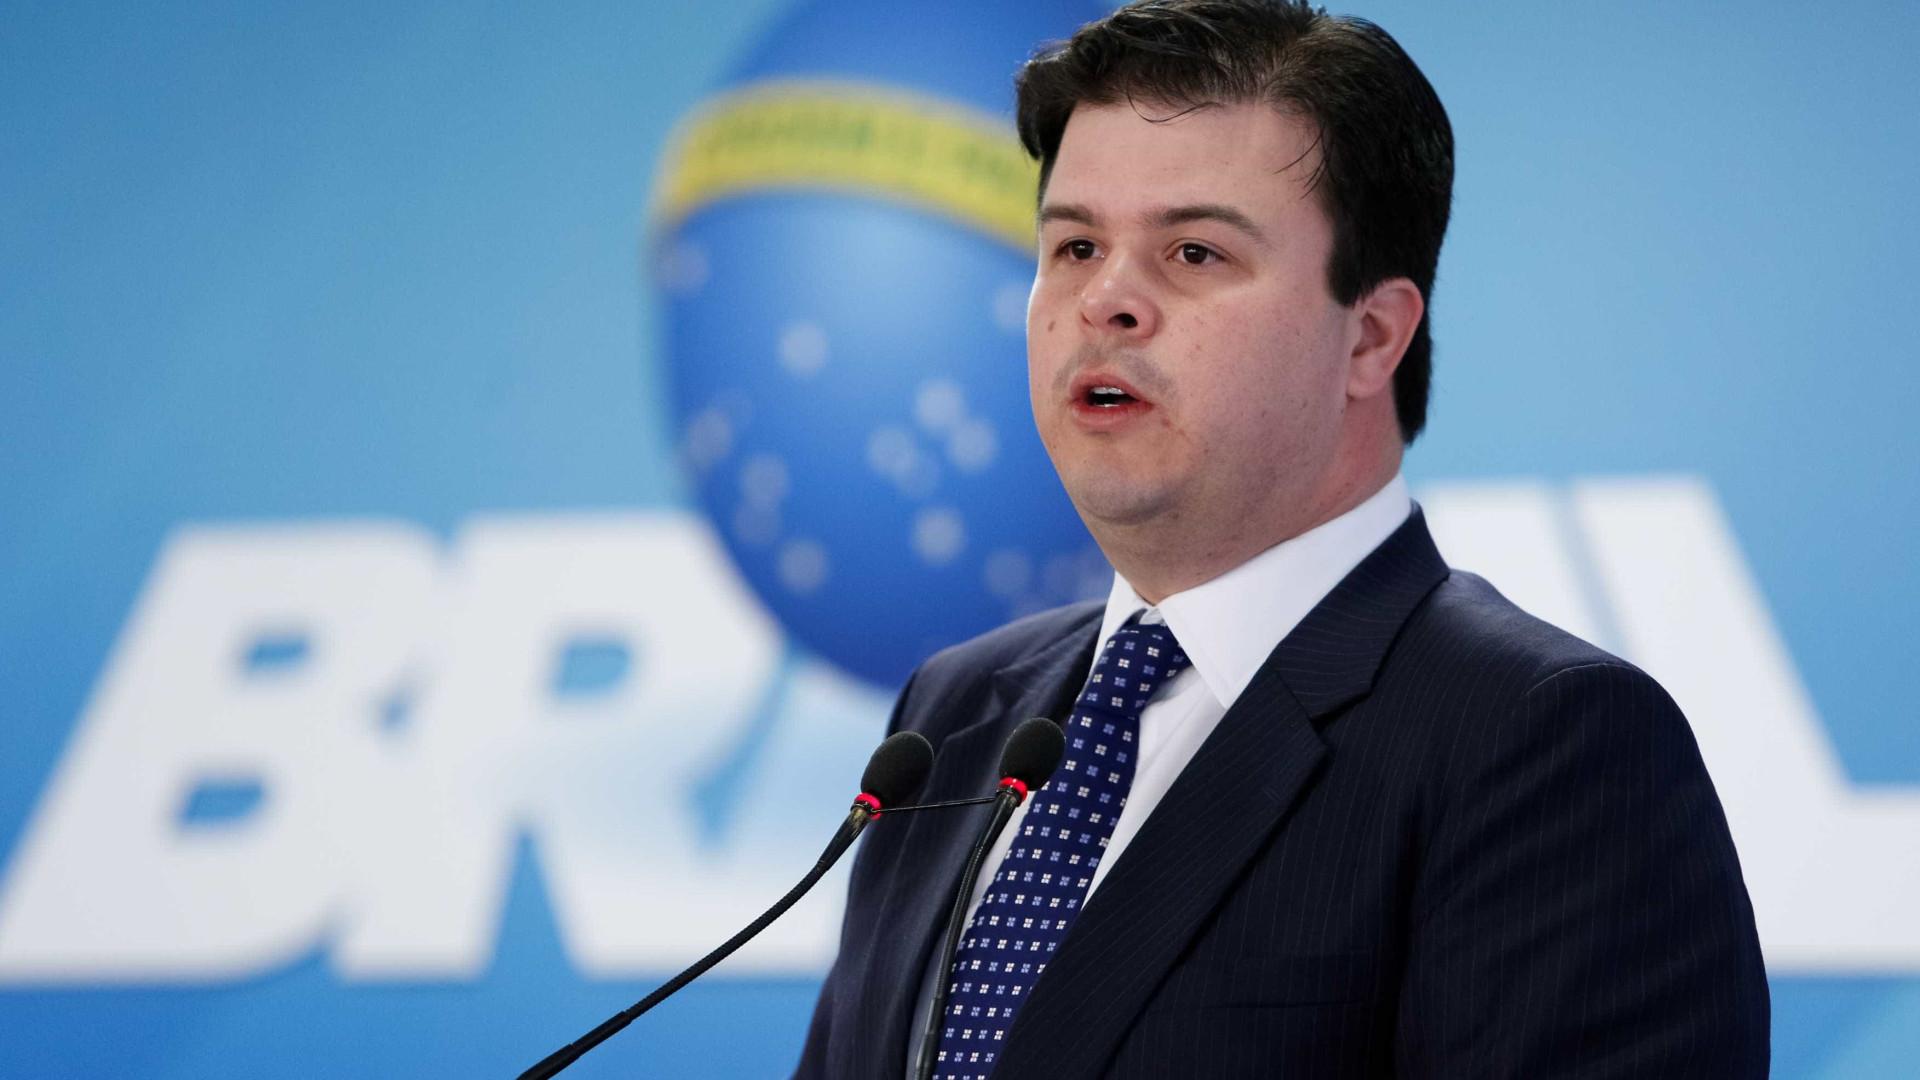 PF aponta indícios de caixa 2 em campanha de líder do governo Bolsonaro no Senado